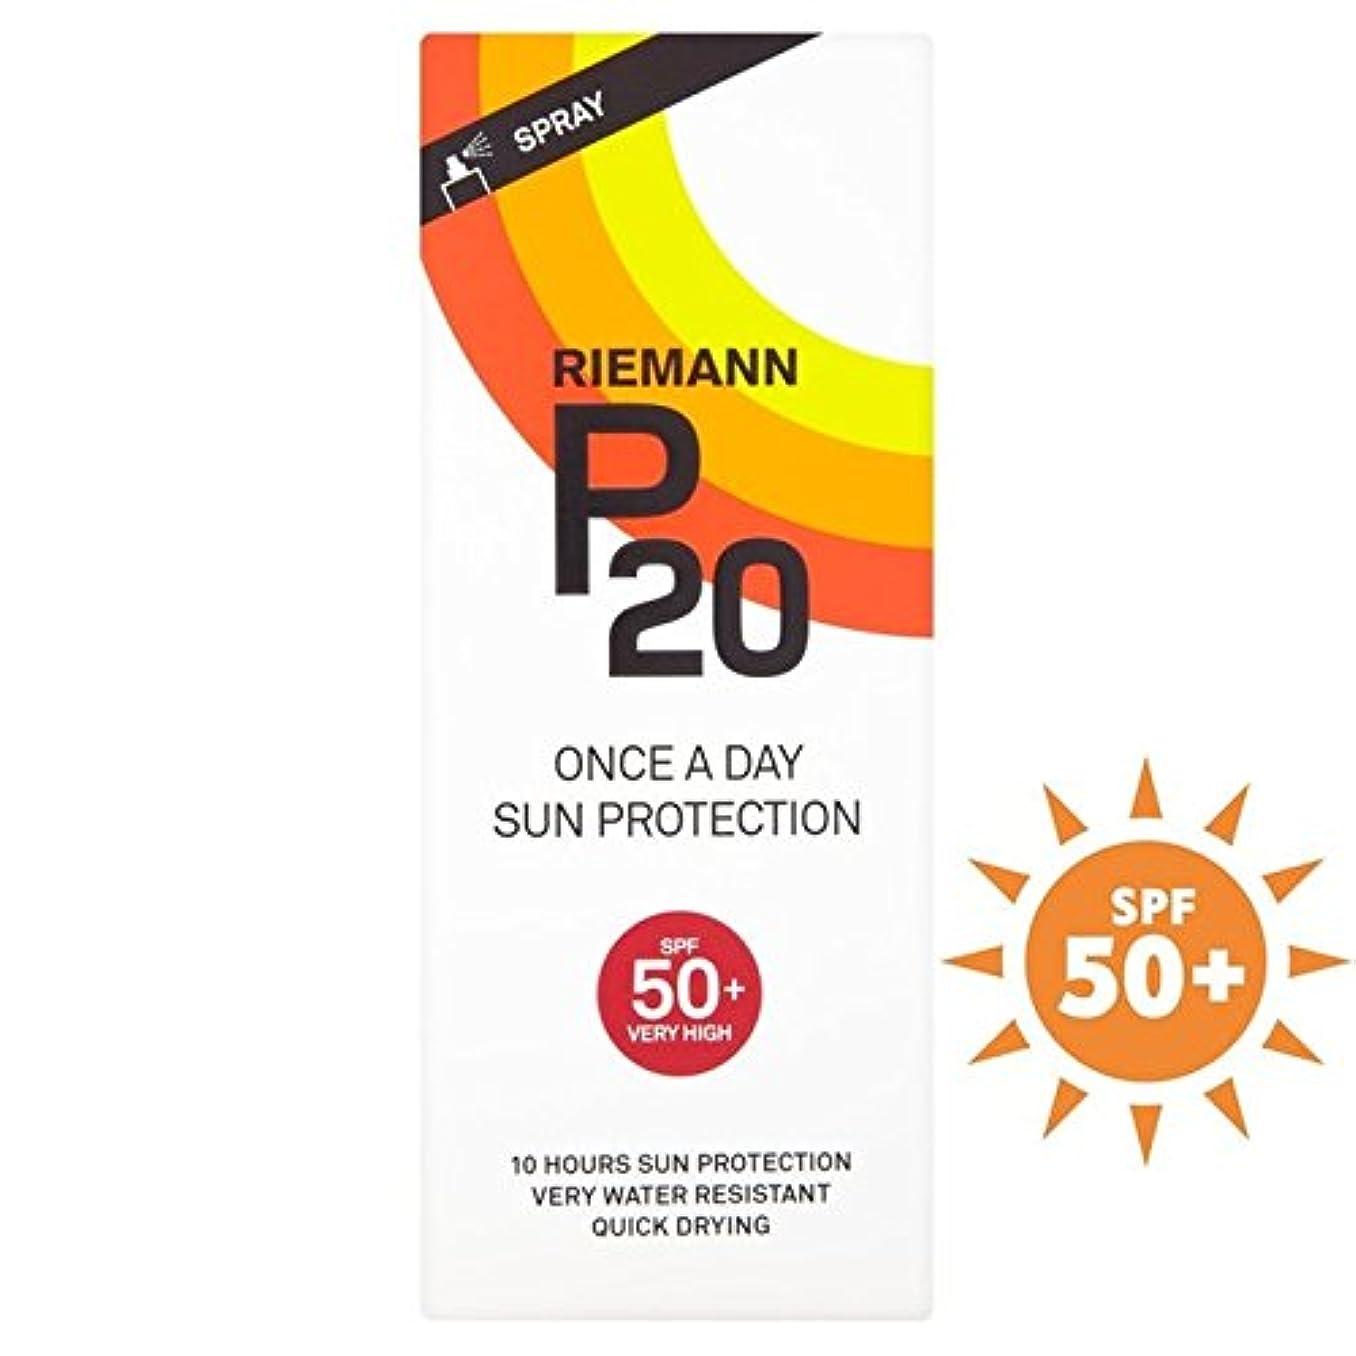 泣き叫ぶ釈義スツールRiemann P20 SPF50+ 1 Day/10 Hour Protection 200ml (Pack of 6) - リーマン20の50 + 1日/ 10時間の保護200ミリリットル x6 [並行輸入品]